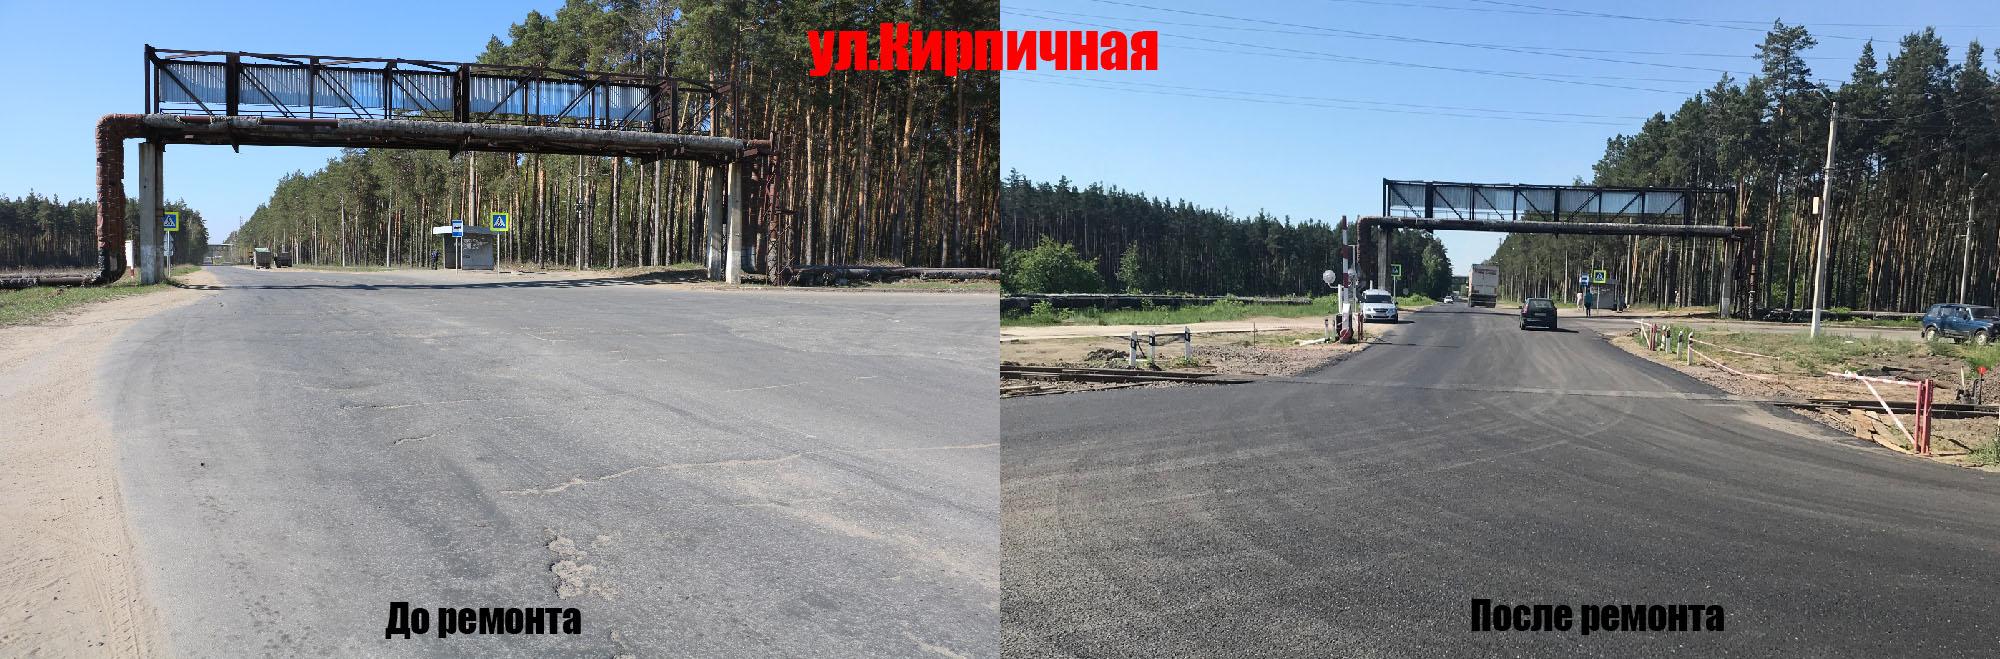 Липчане могут оценить новый асфальт на двух дорогах — Изображение 1